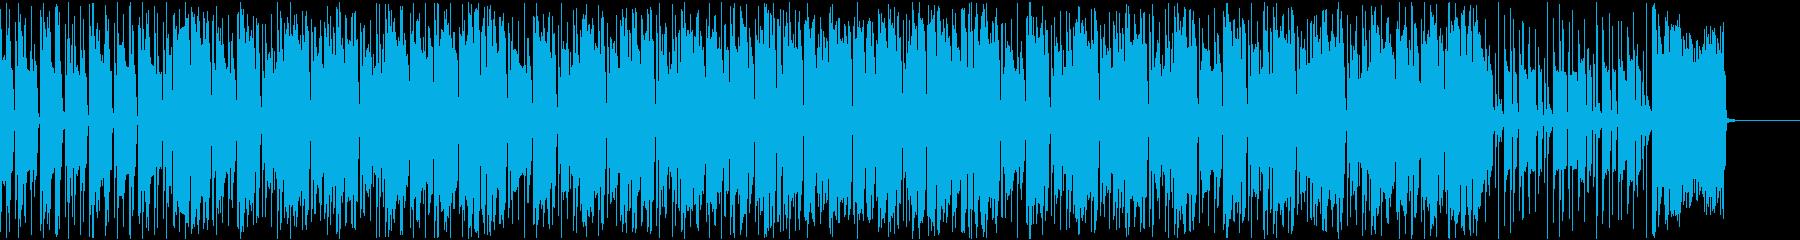 コミカル/昭和/ドラマ/オープニングの再生済みの波形